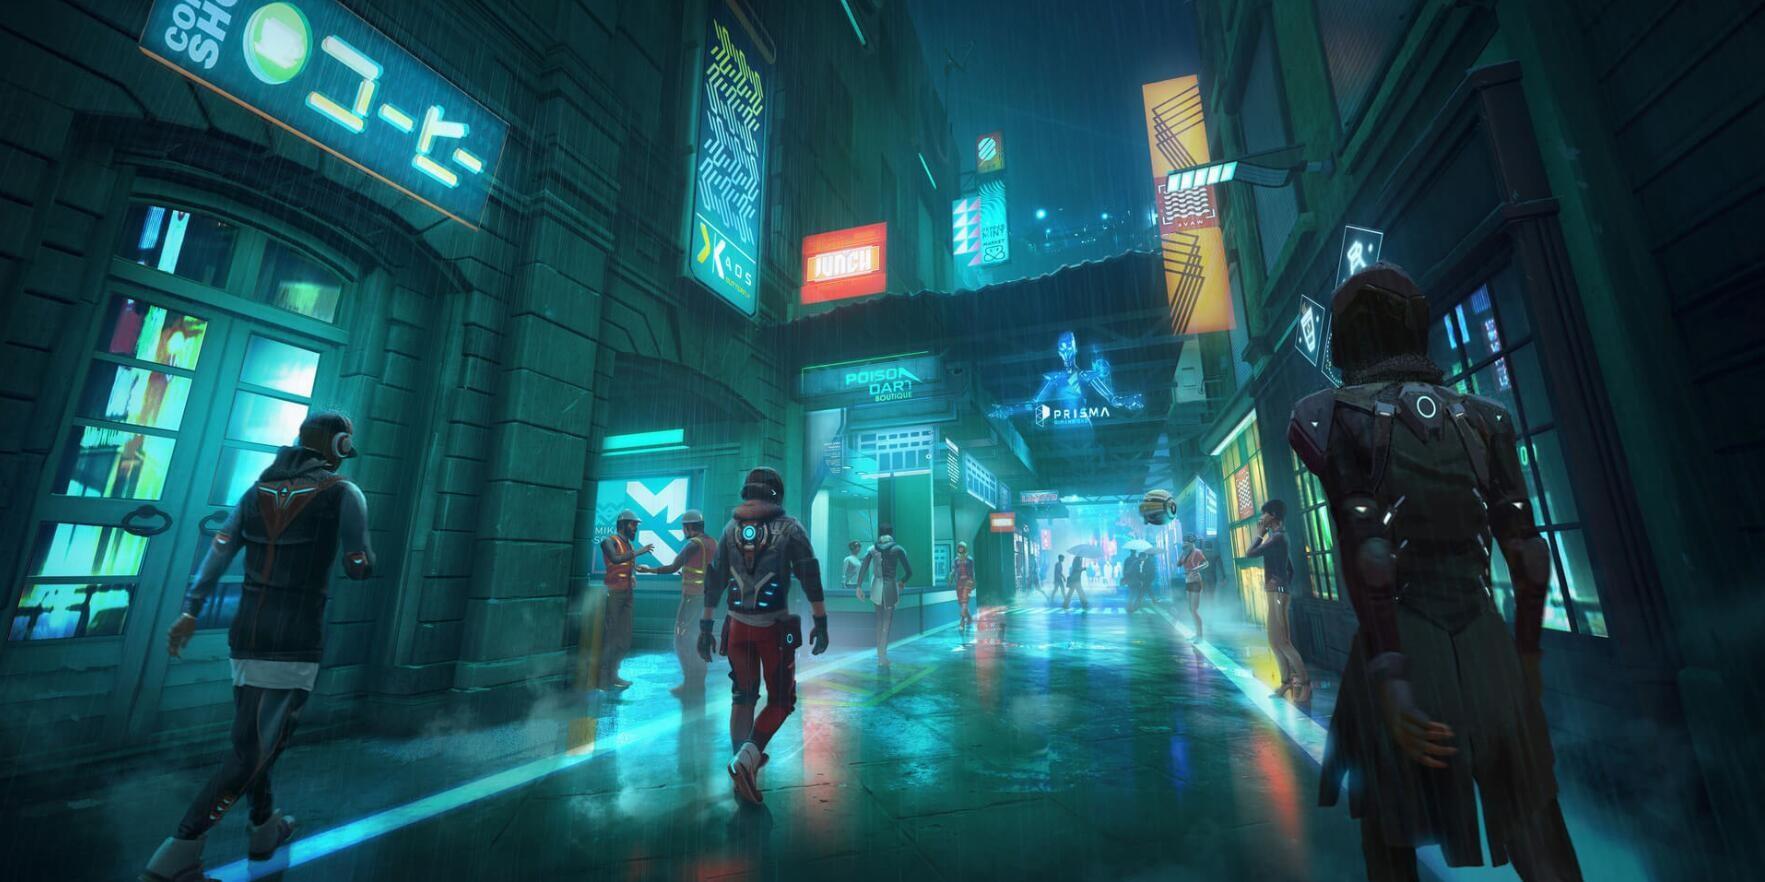 育碧3A大逃杀游戏《Hyper Scape》首批概念图公布